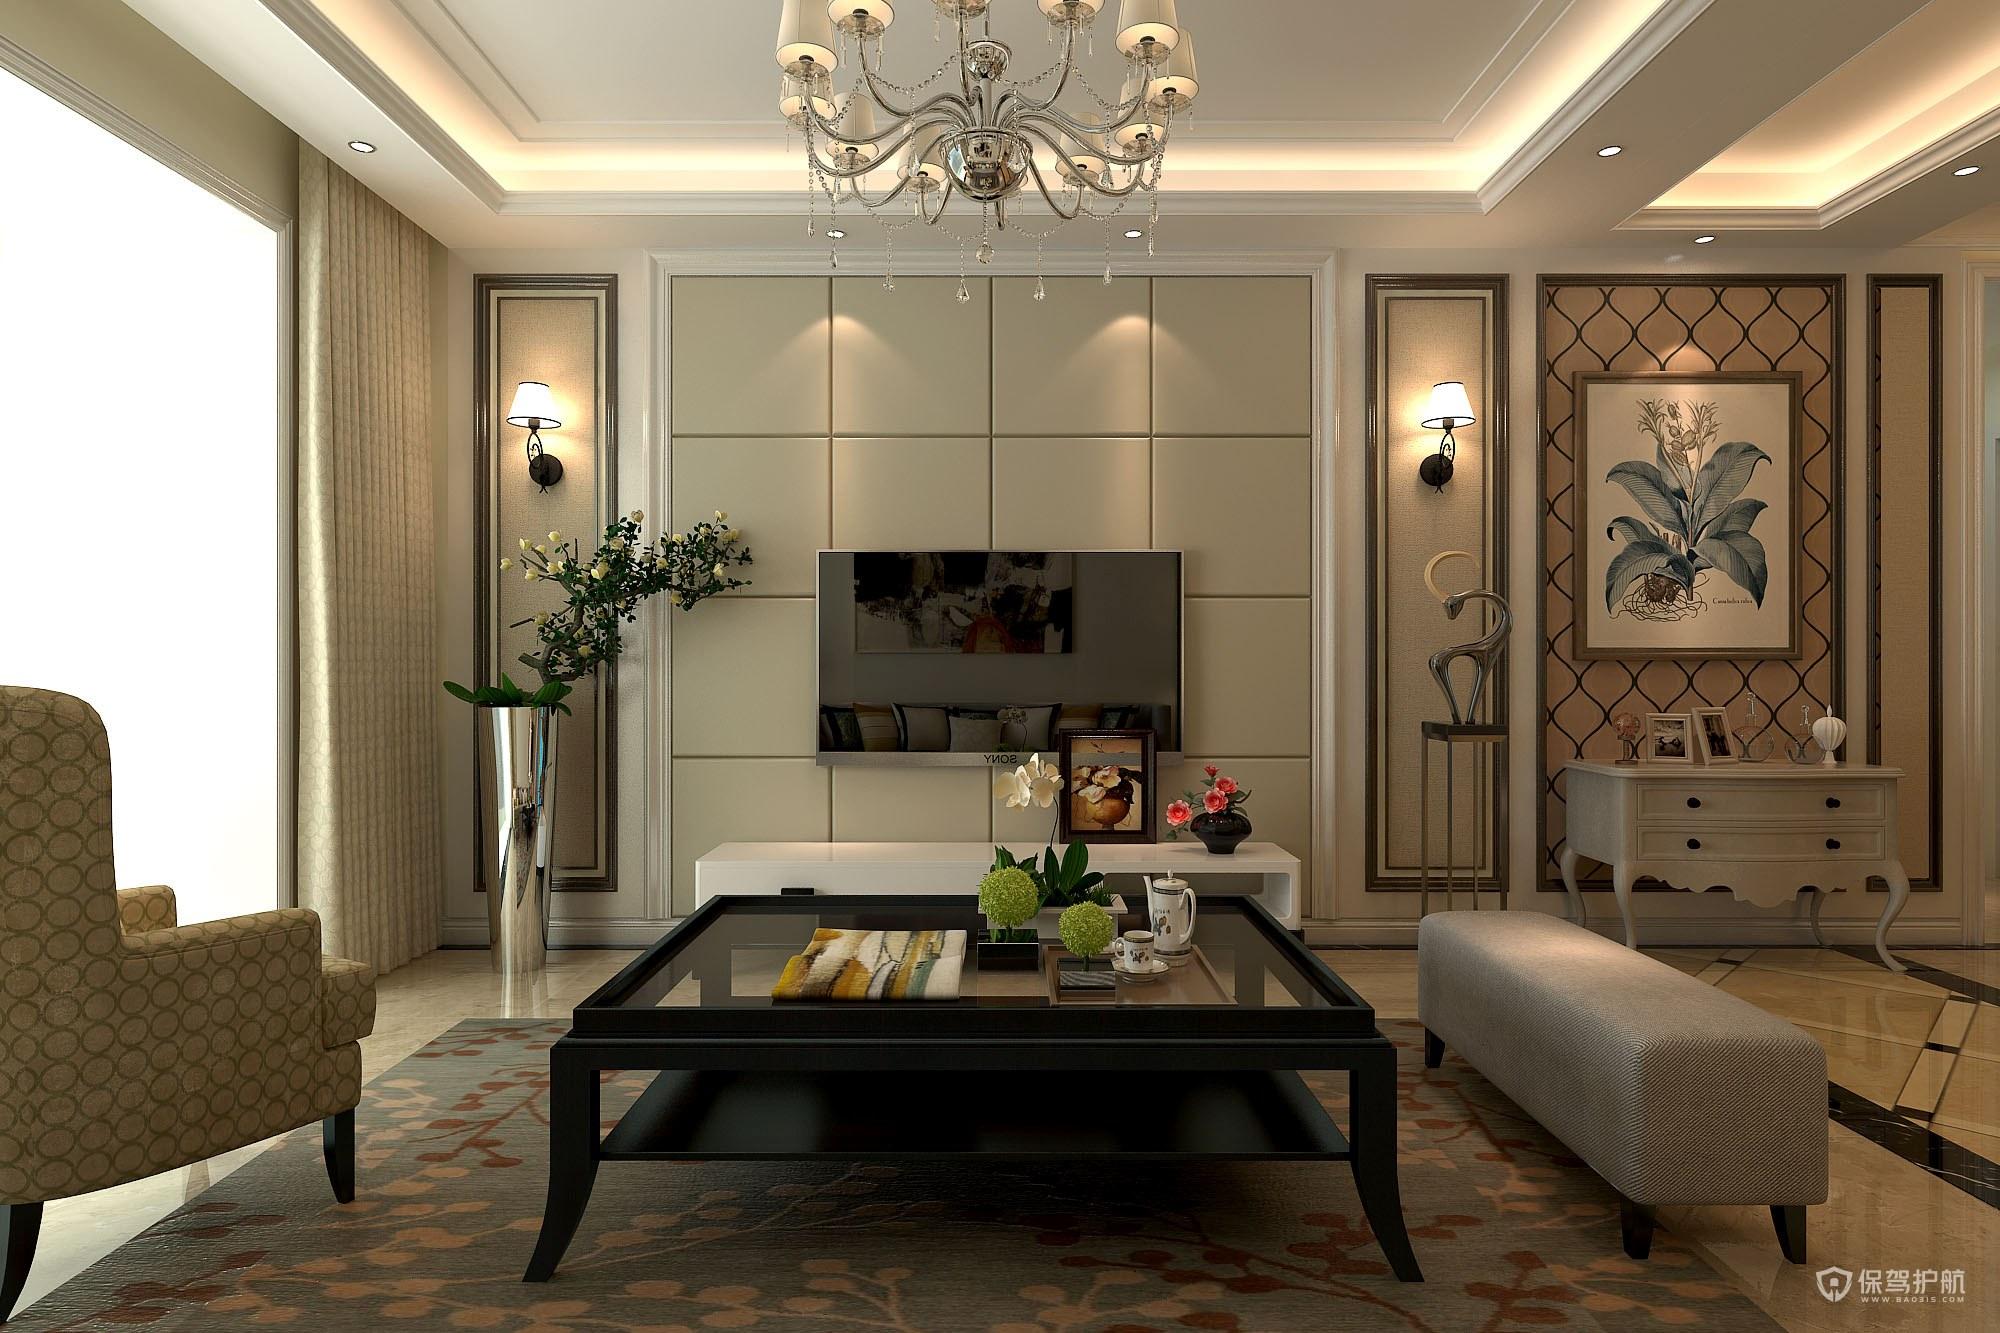 简欧客厅怎么装修?简欧客厅装修效果图-客厅装修心得